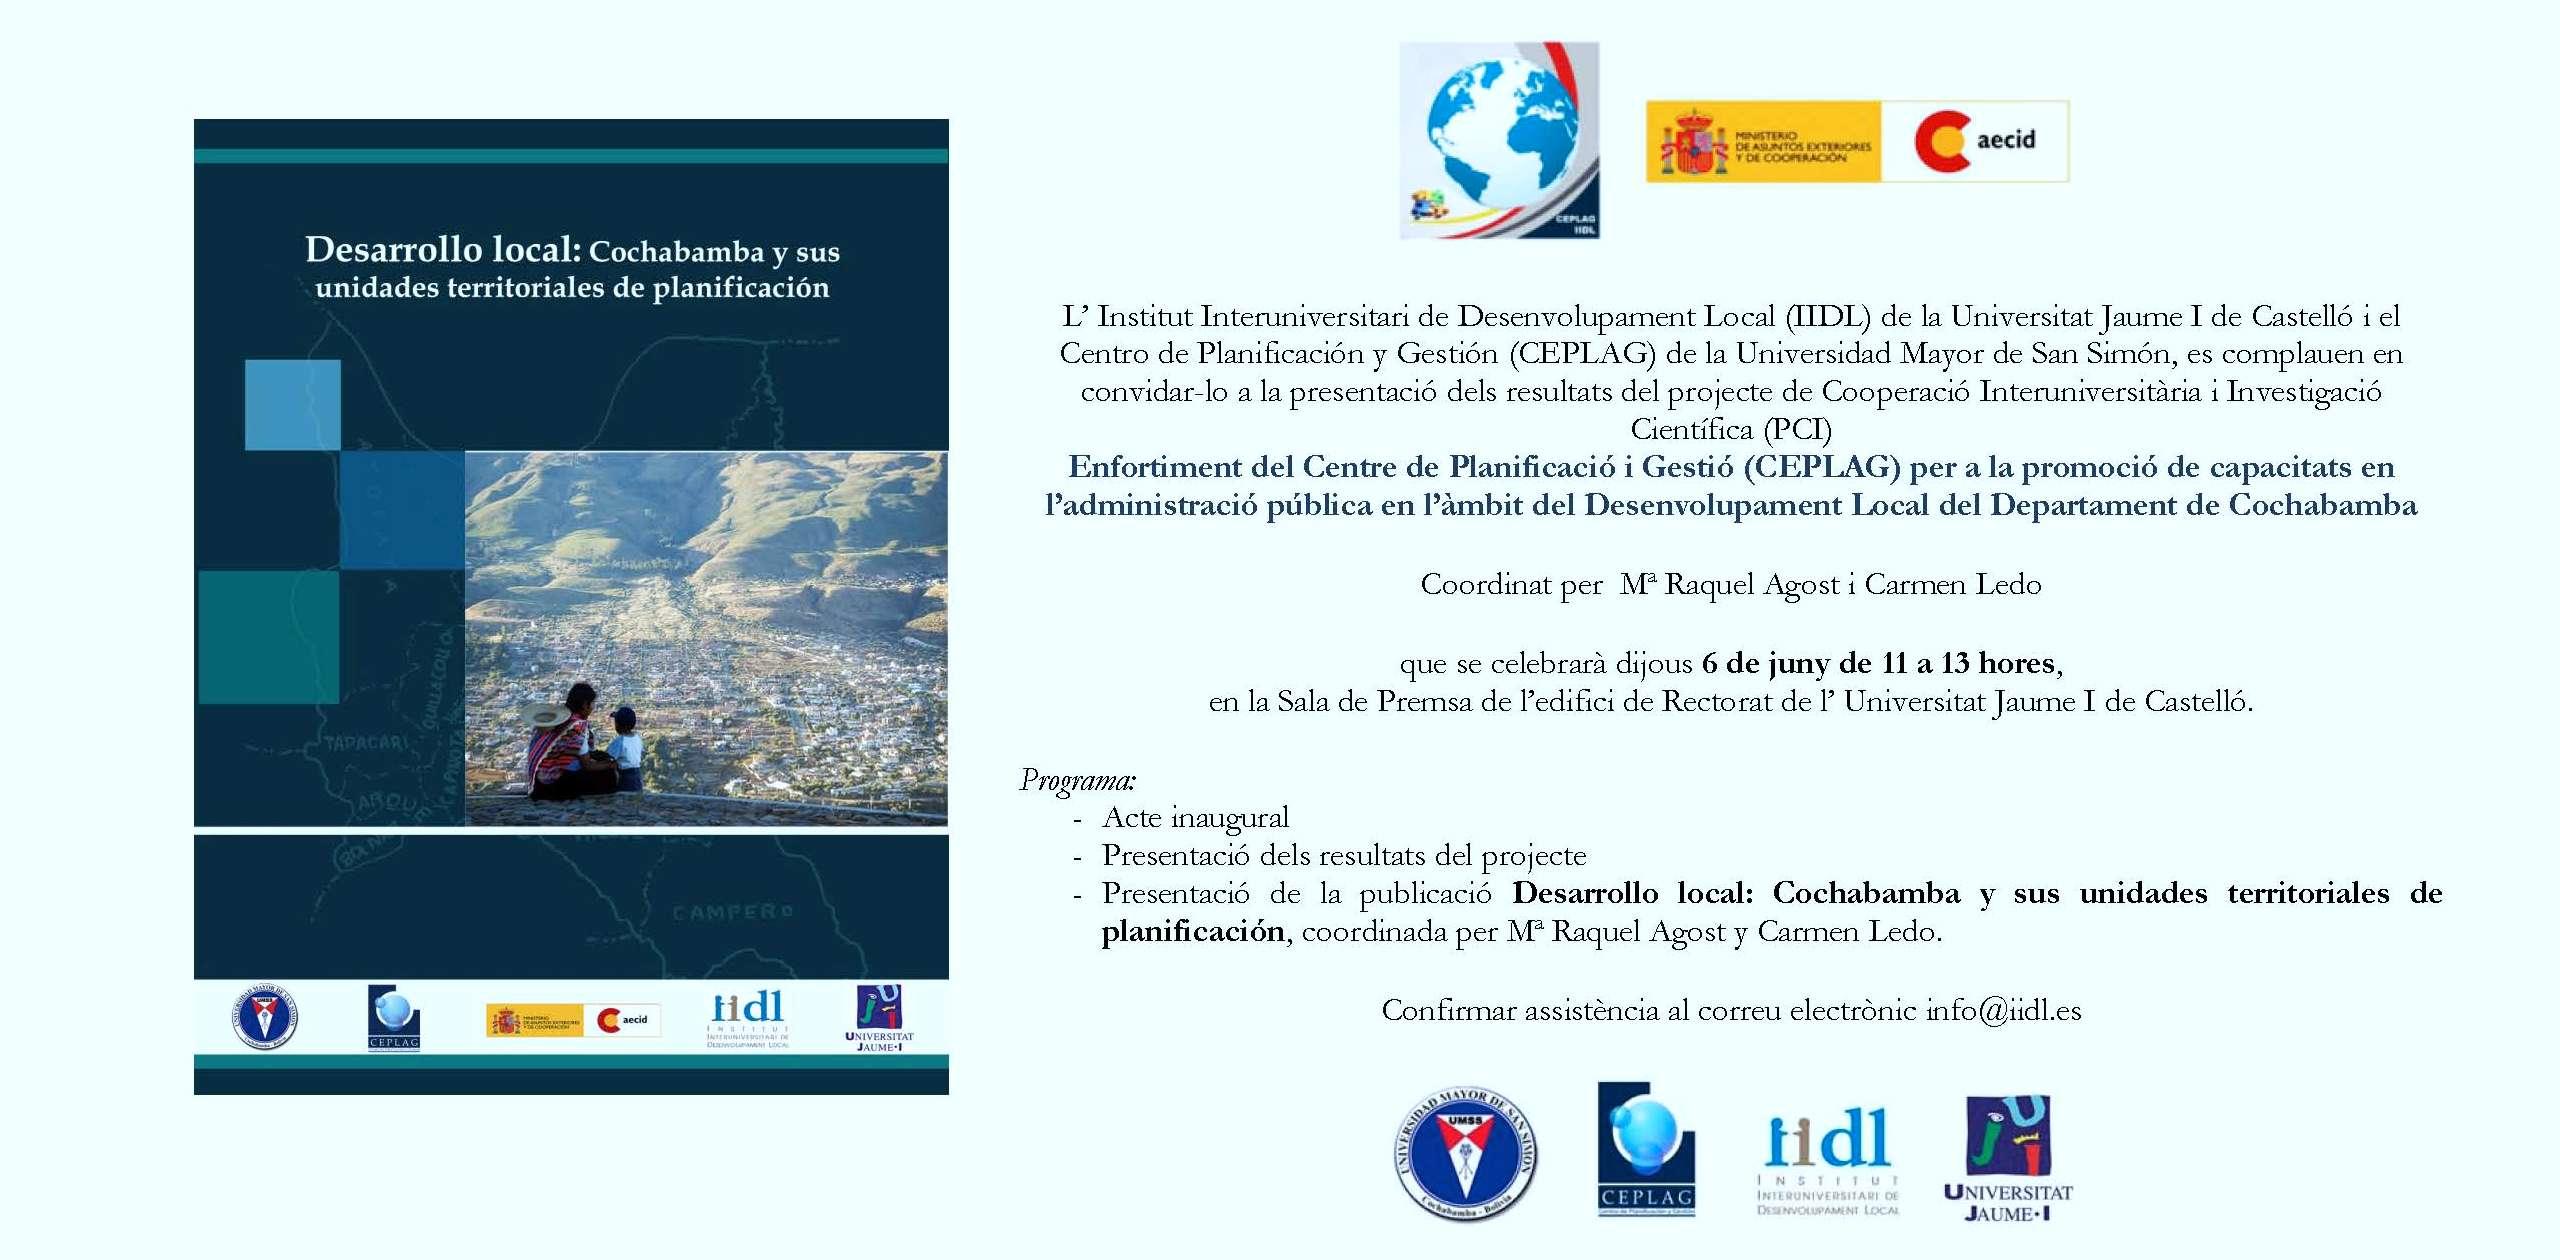 Invitacion  val UMSS-UJI 2013